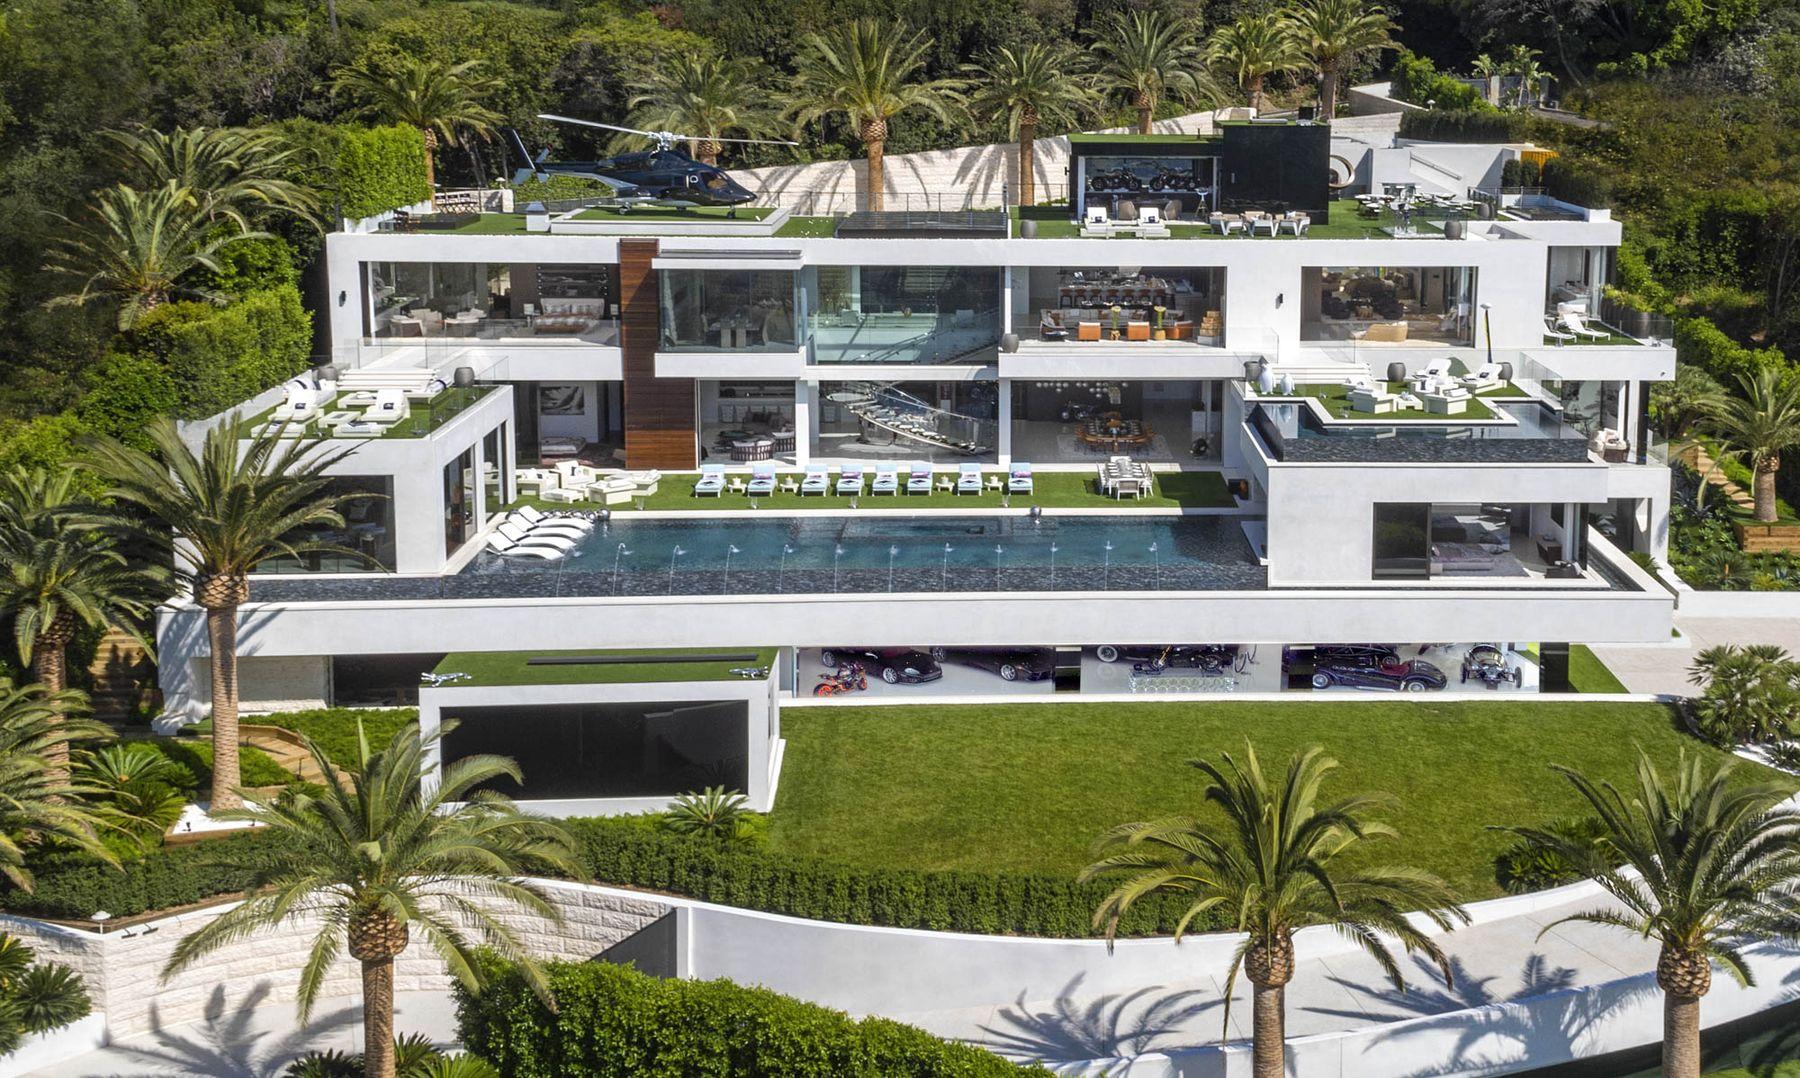 Bruce Makowsky's Mansion